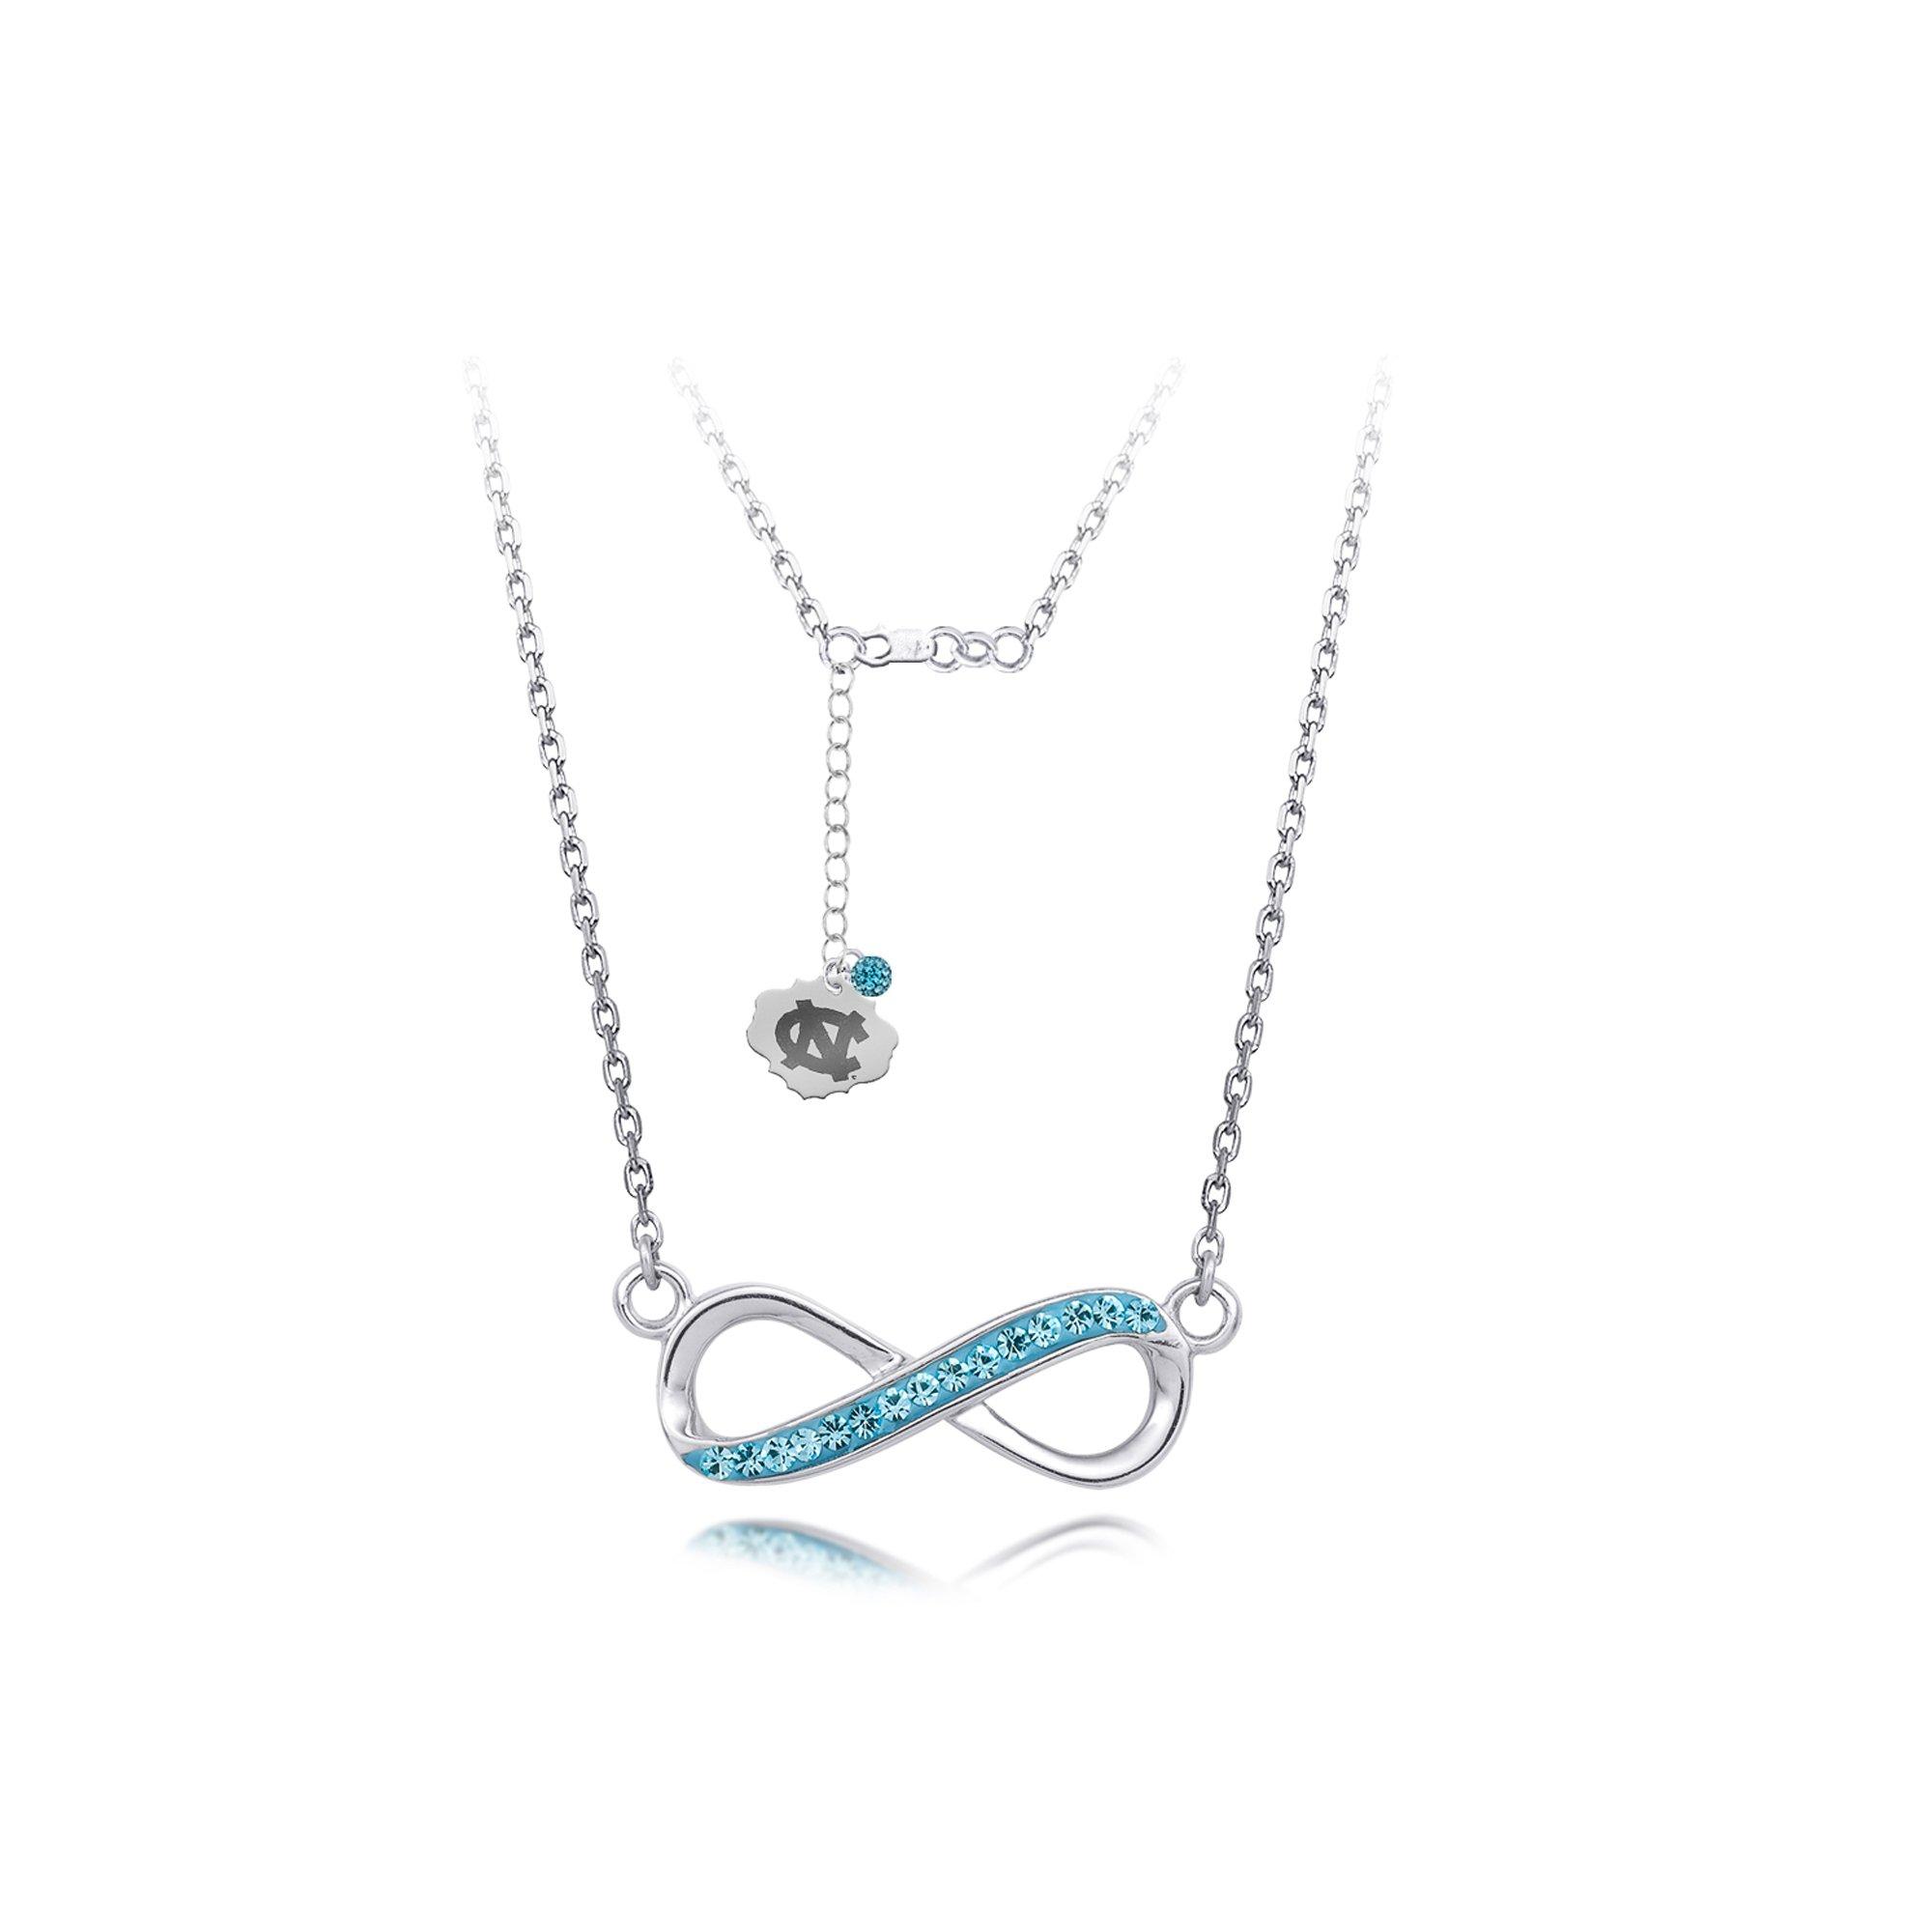 DiamondJewelryNY Silver Pendant, Spirit Infinity Nk/Univ Of N Carolina